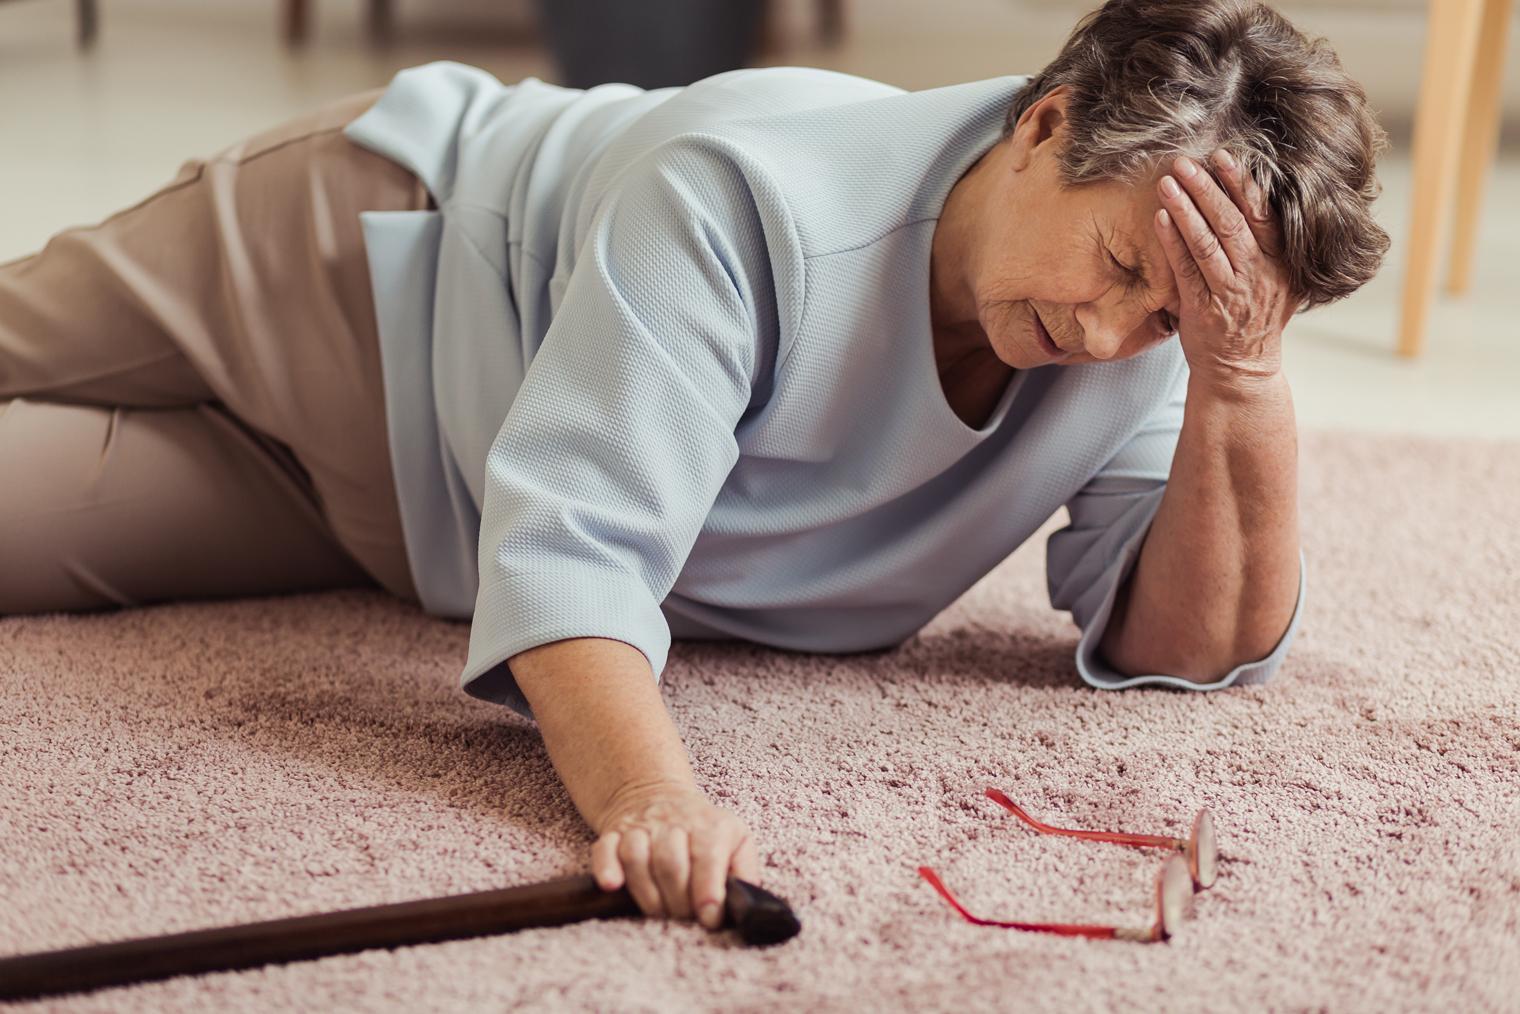 Risque de chute chez les personnes âgées